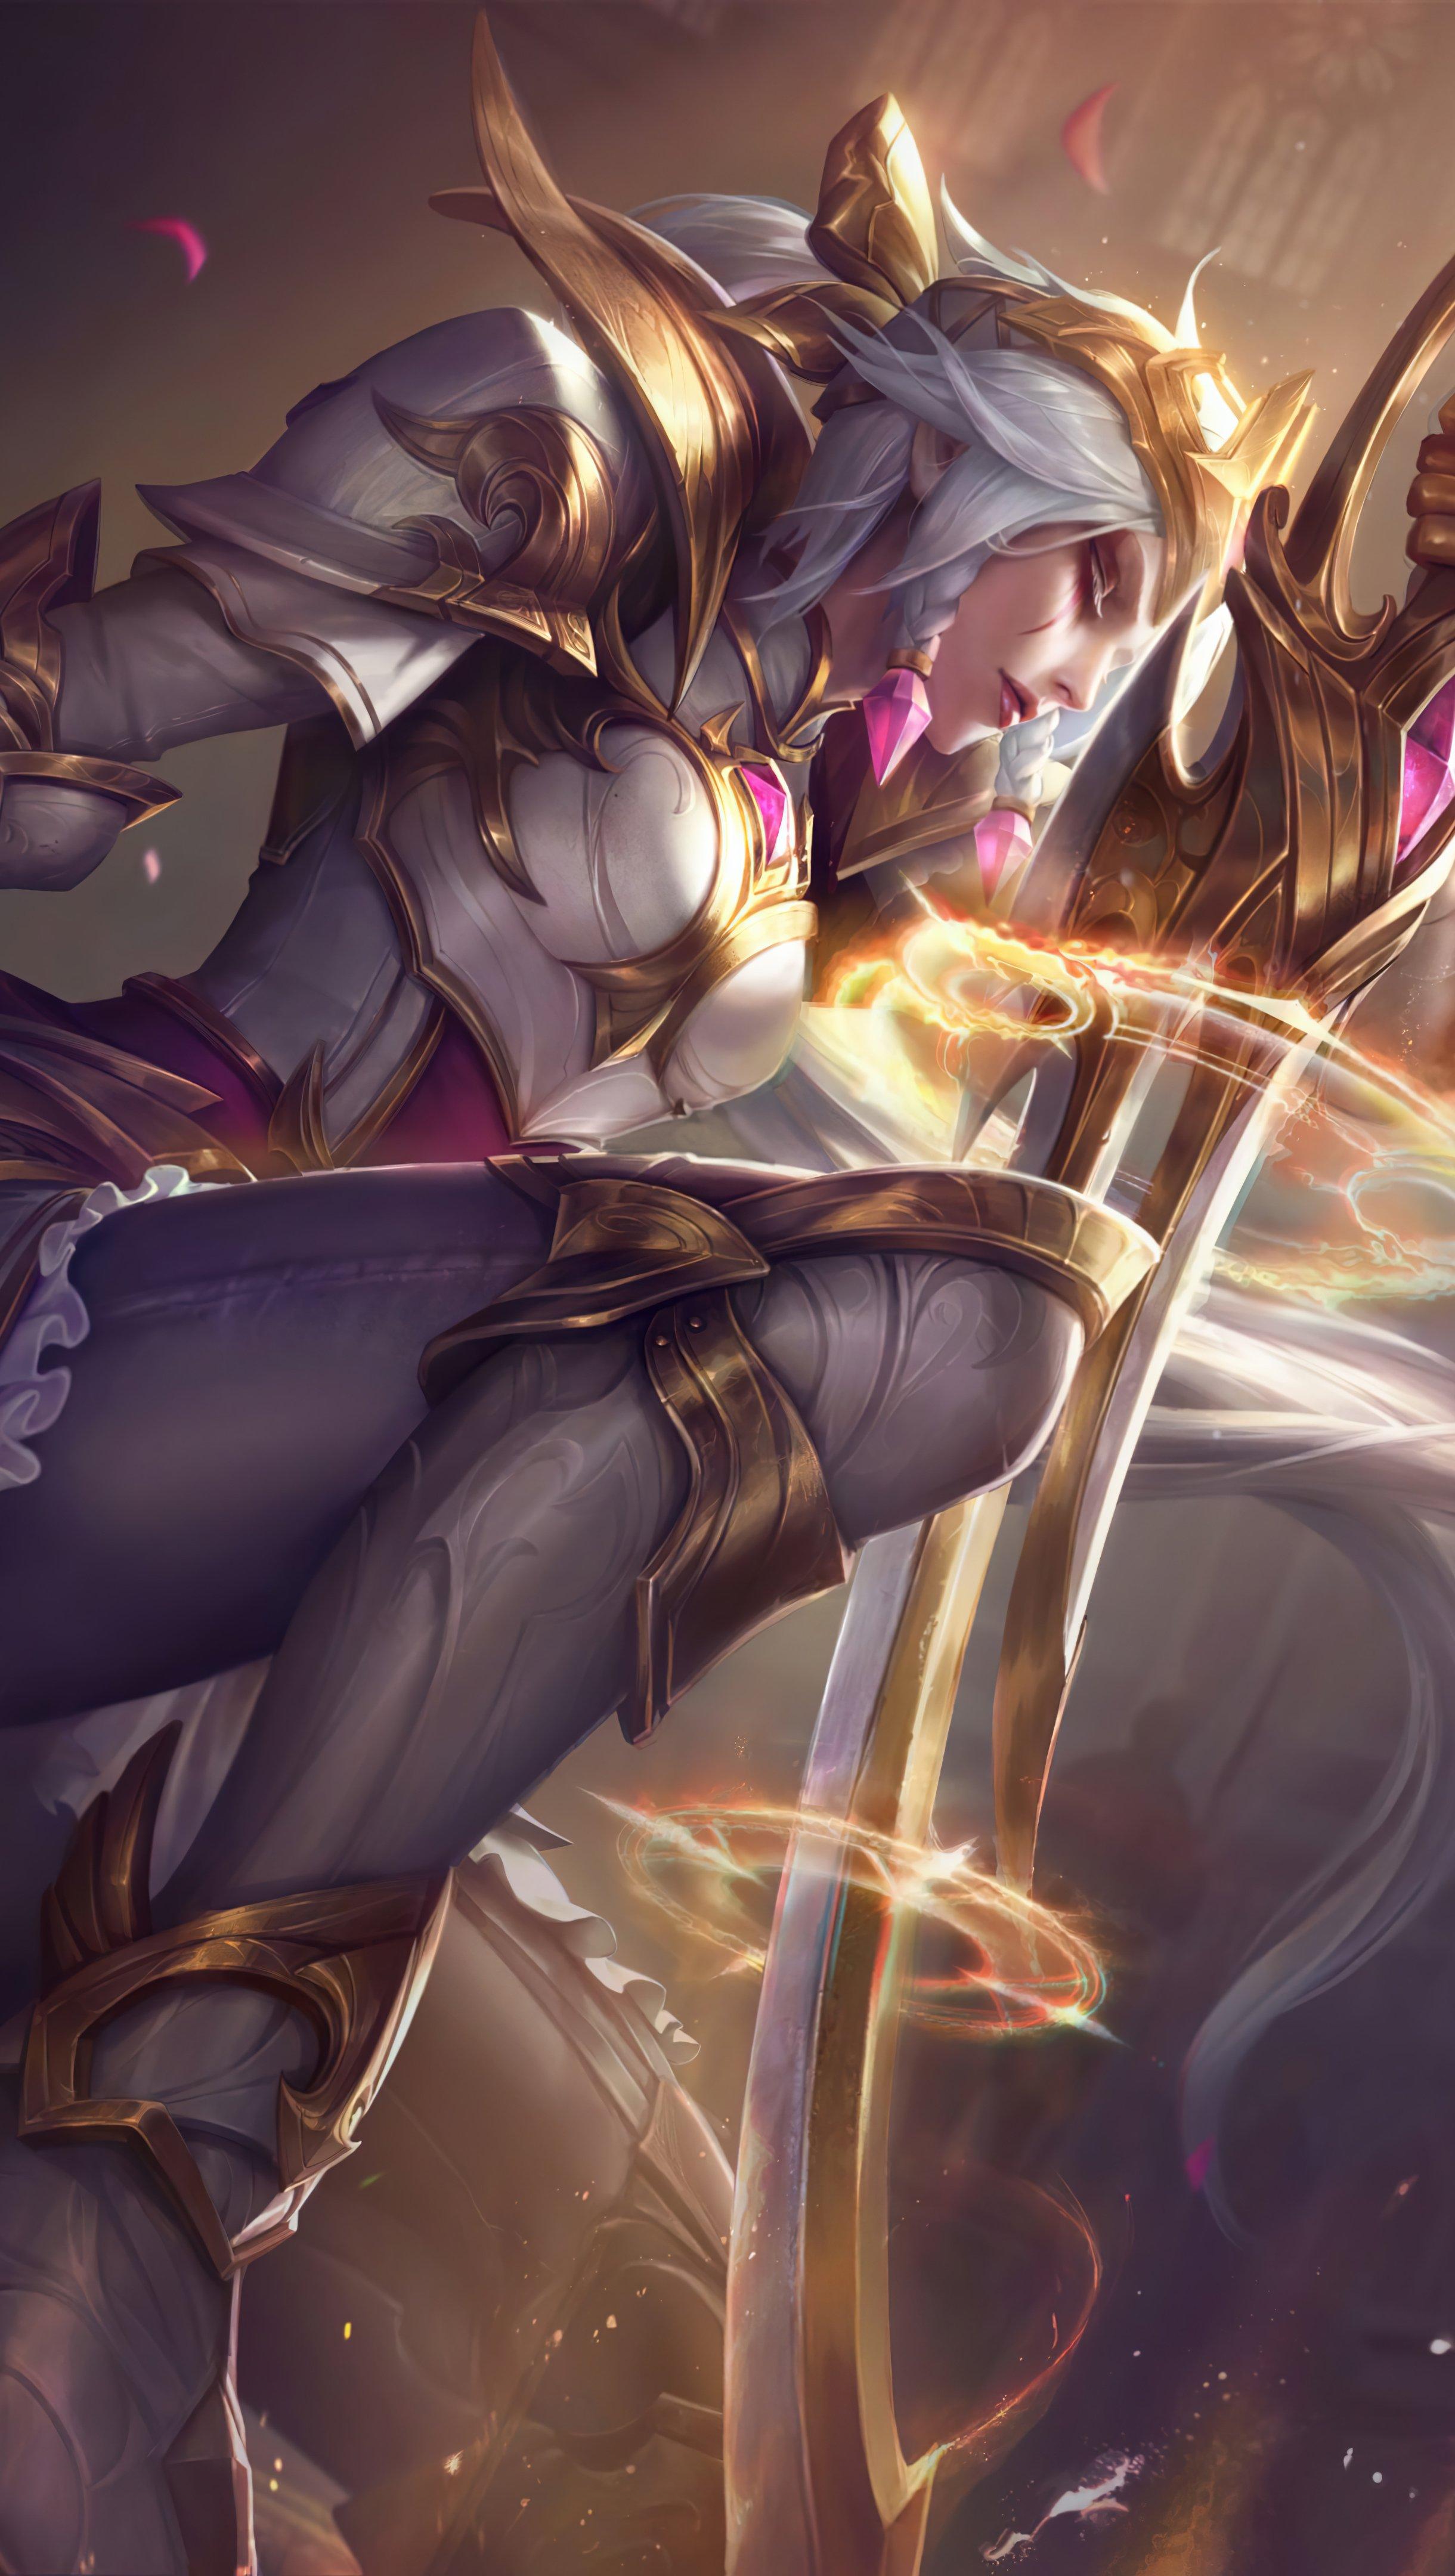 Fondos de pantalla Diana de League of Legends Vertical